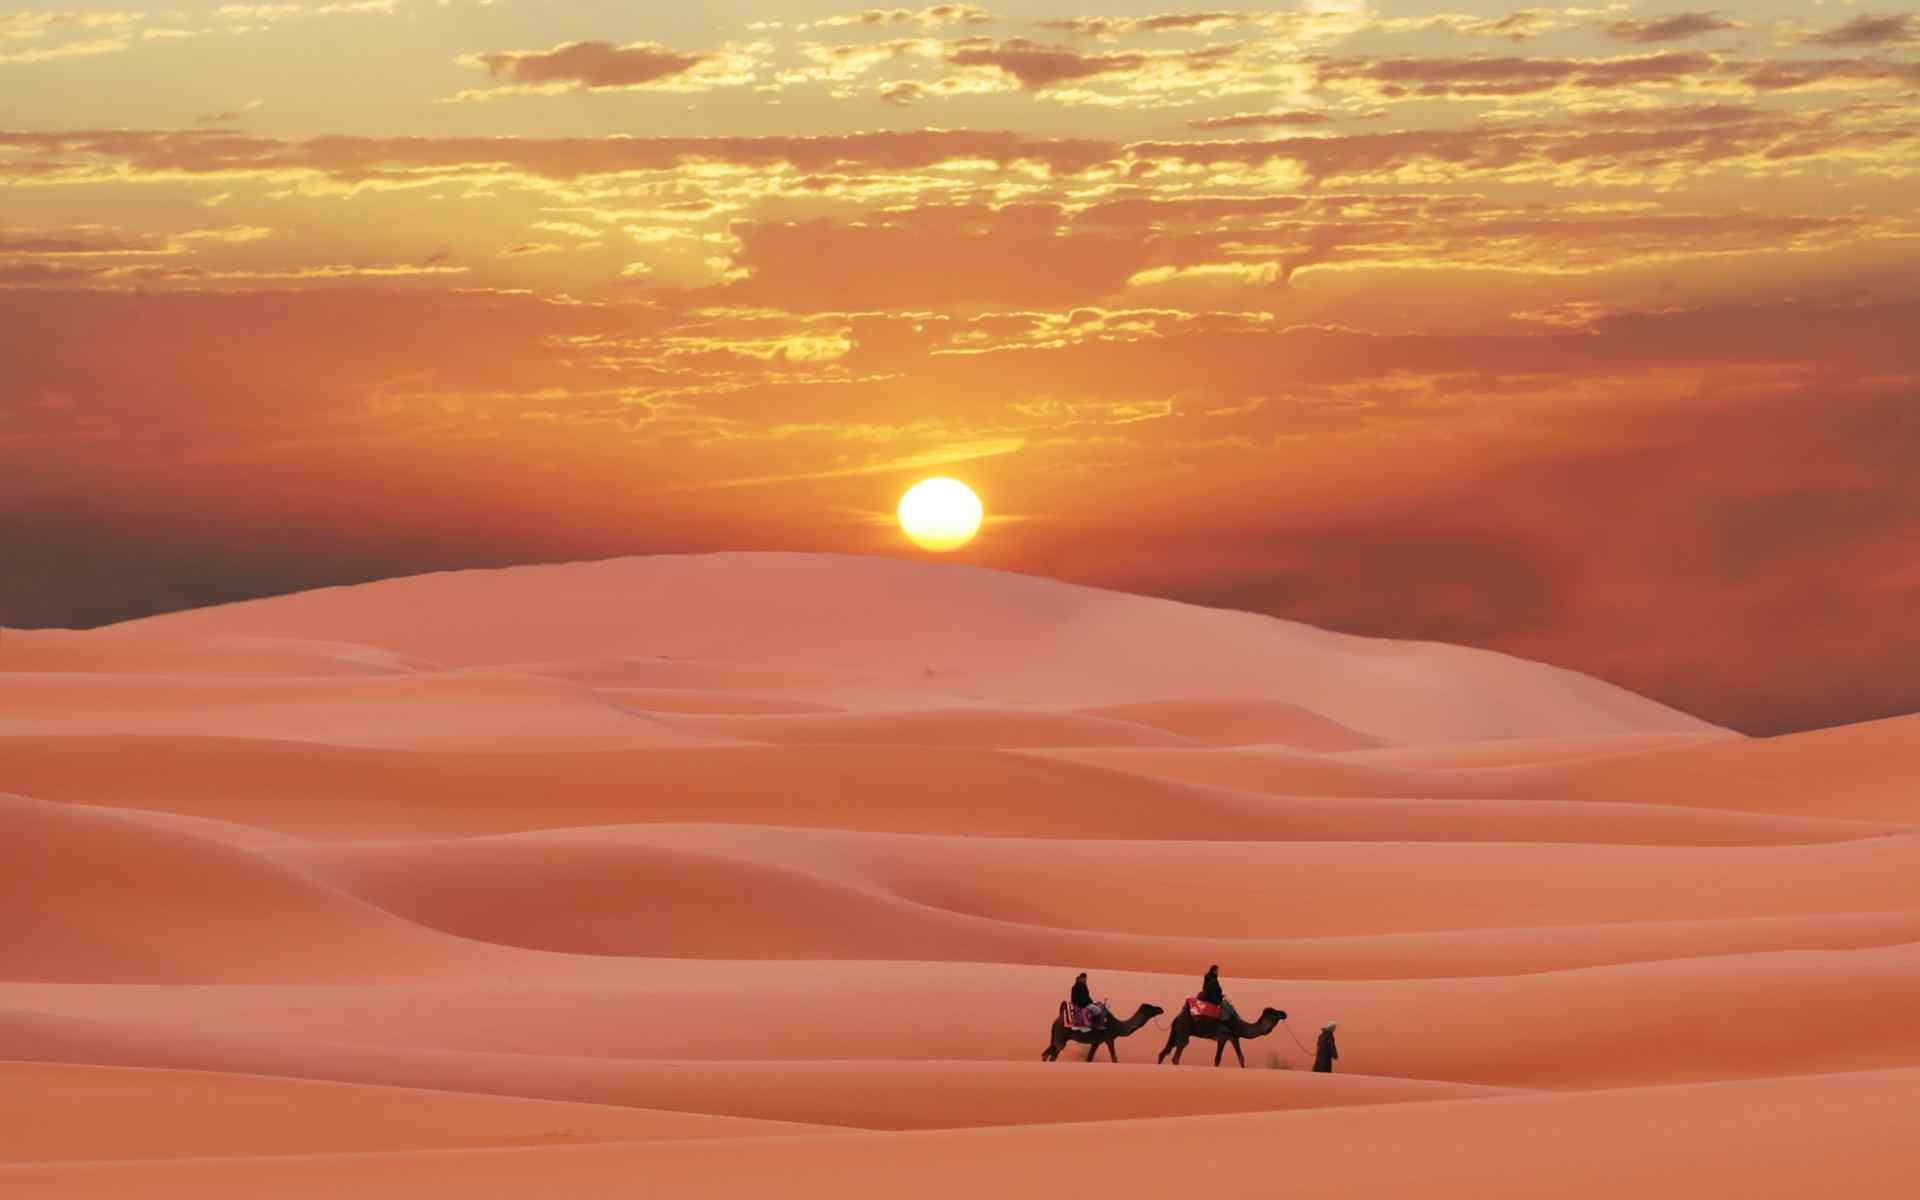 热带沙漠风景图片桌面壁纸